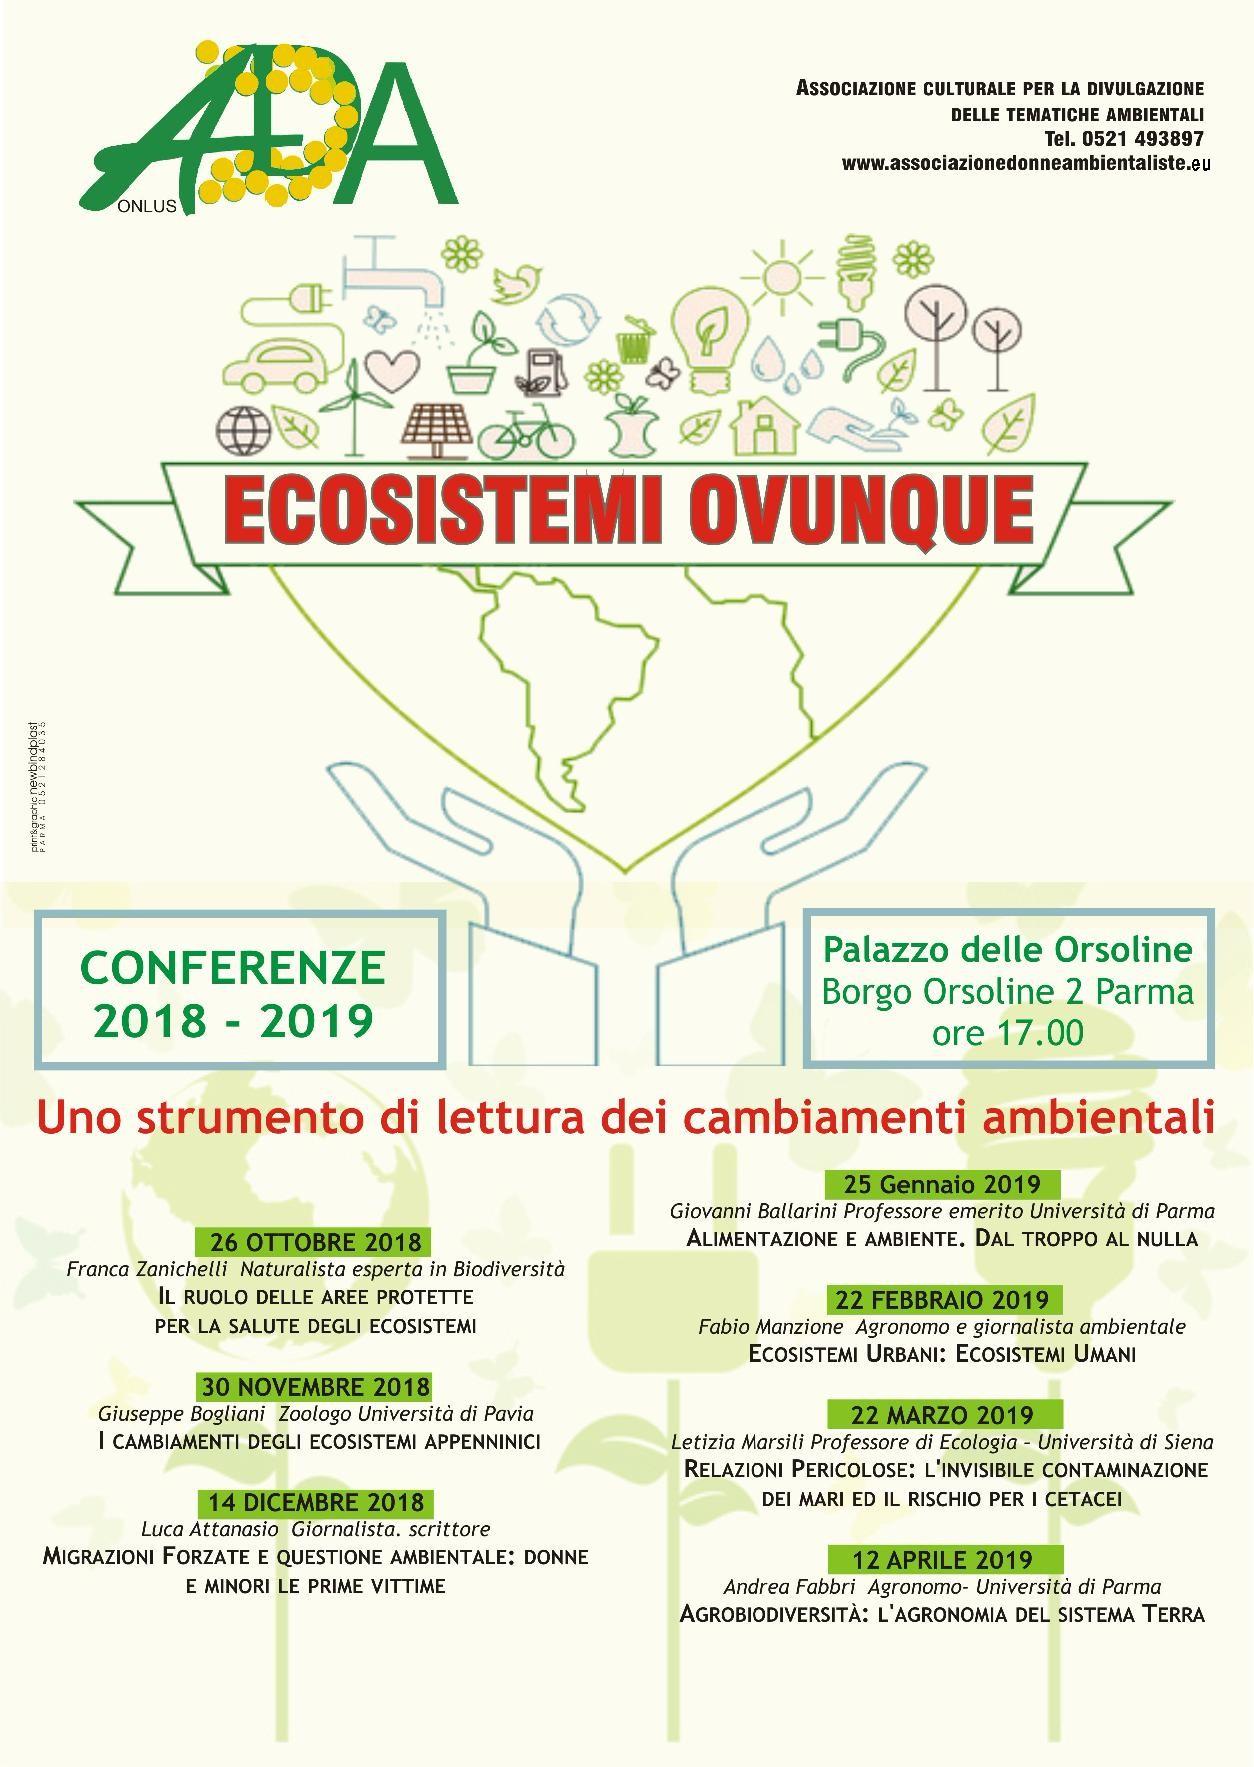 """""""Ecosistemi ovunque - Uno strumento di lettura dei cambiamenti ambientali"""" conferenze proposte da ADA onlus"""